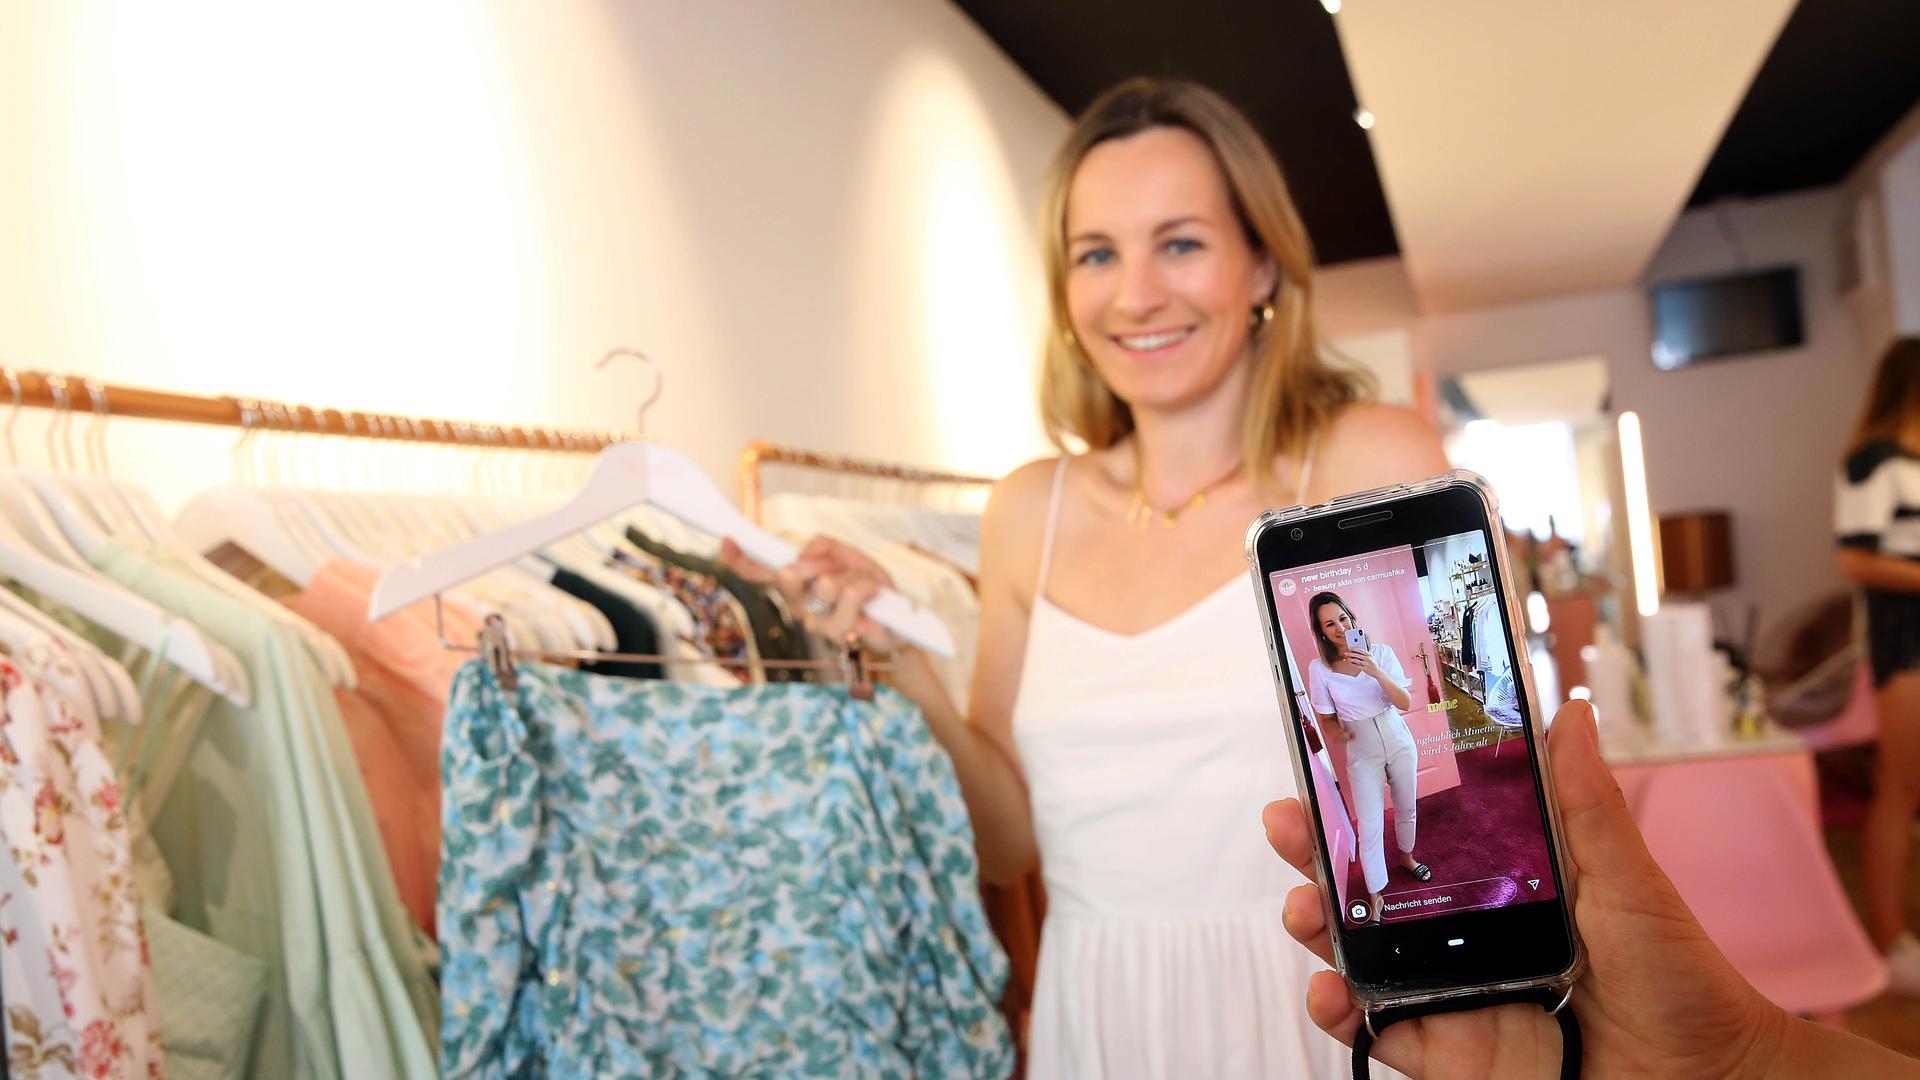 Einzelhandel übers Smartphone: Esther Laut bewirbt ihren Laden Minette auch per Insta-Story. Direkt über Instagram kann man außerdem in ihrem Online-Shop einkaufen.